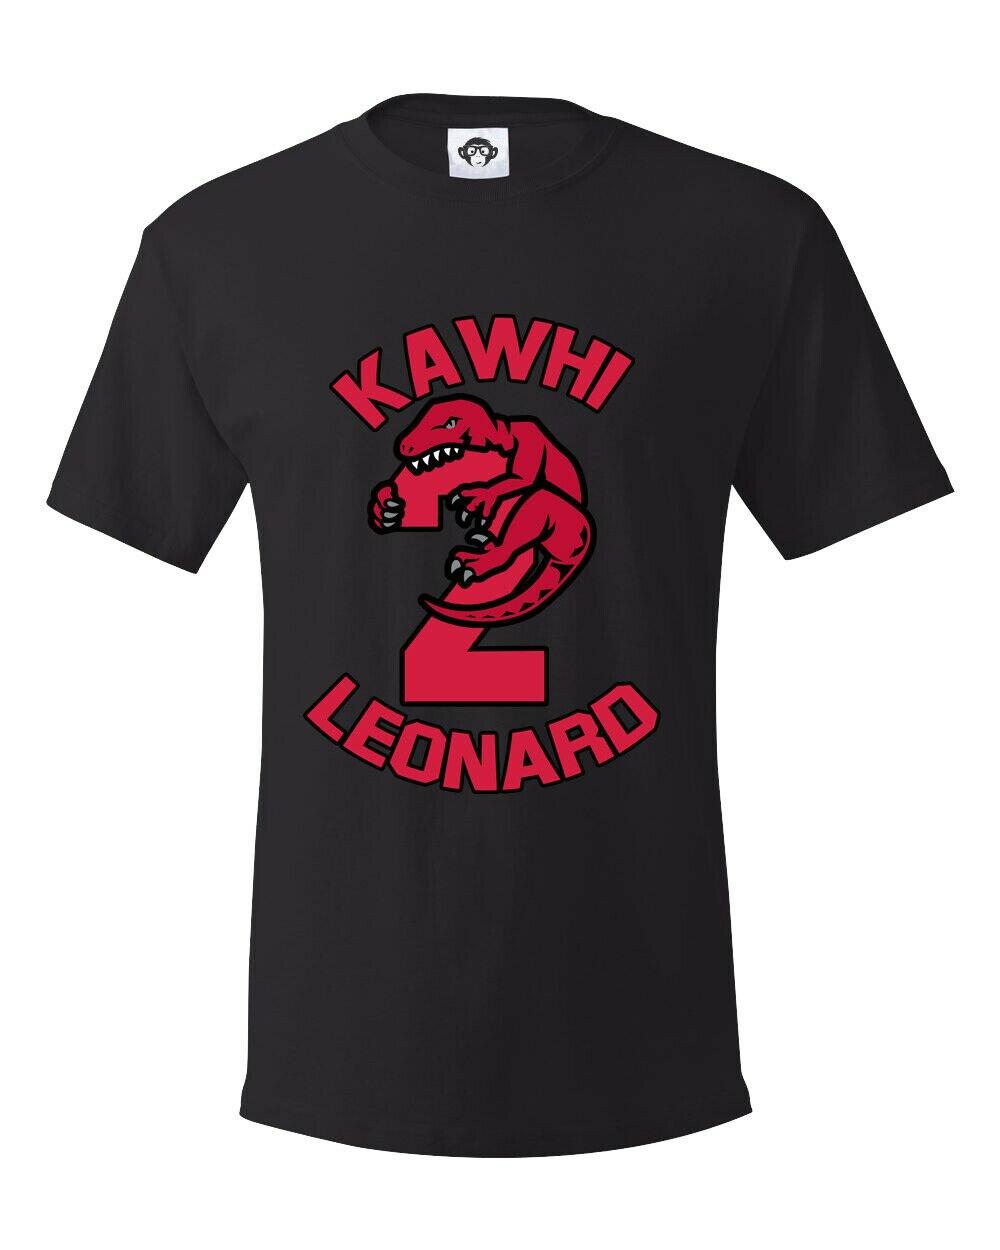 Kawhi Leonard, baloncesto, camiseta Toronto Raptors, camiseta de moda nueva Unisex Casual Cool camisetas de alta calidad para hombre